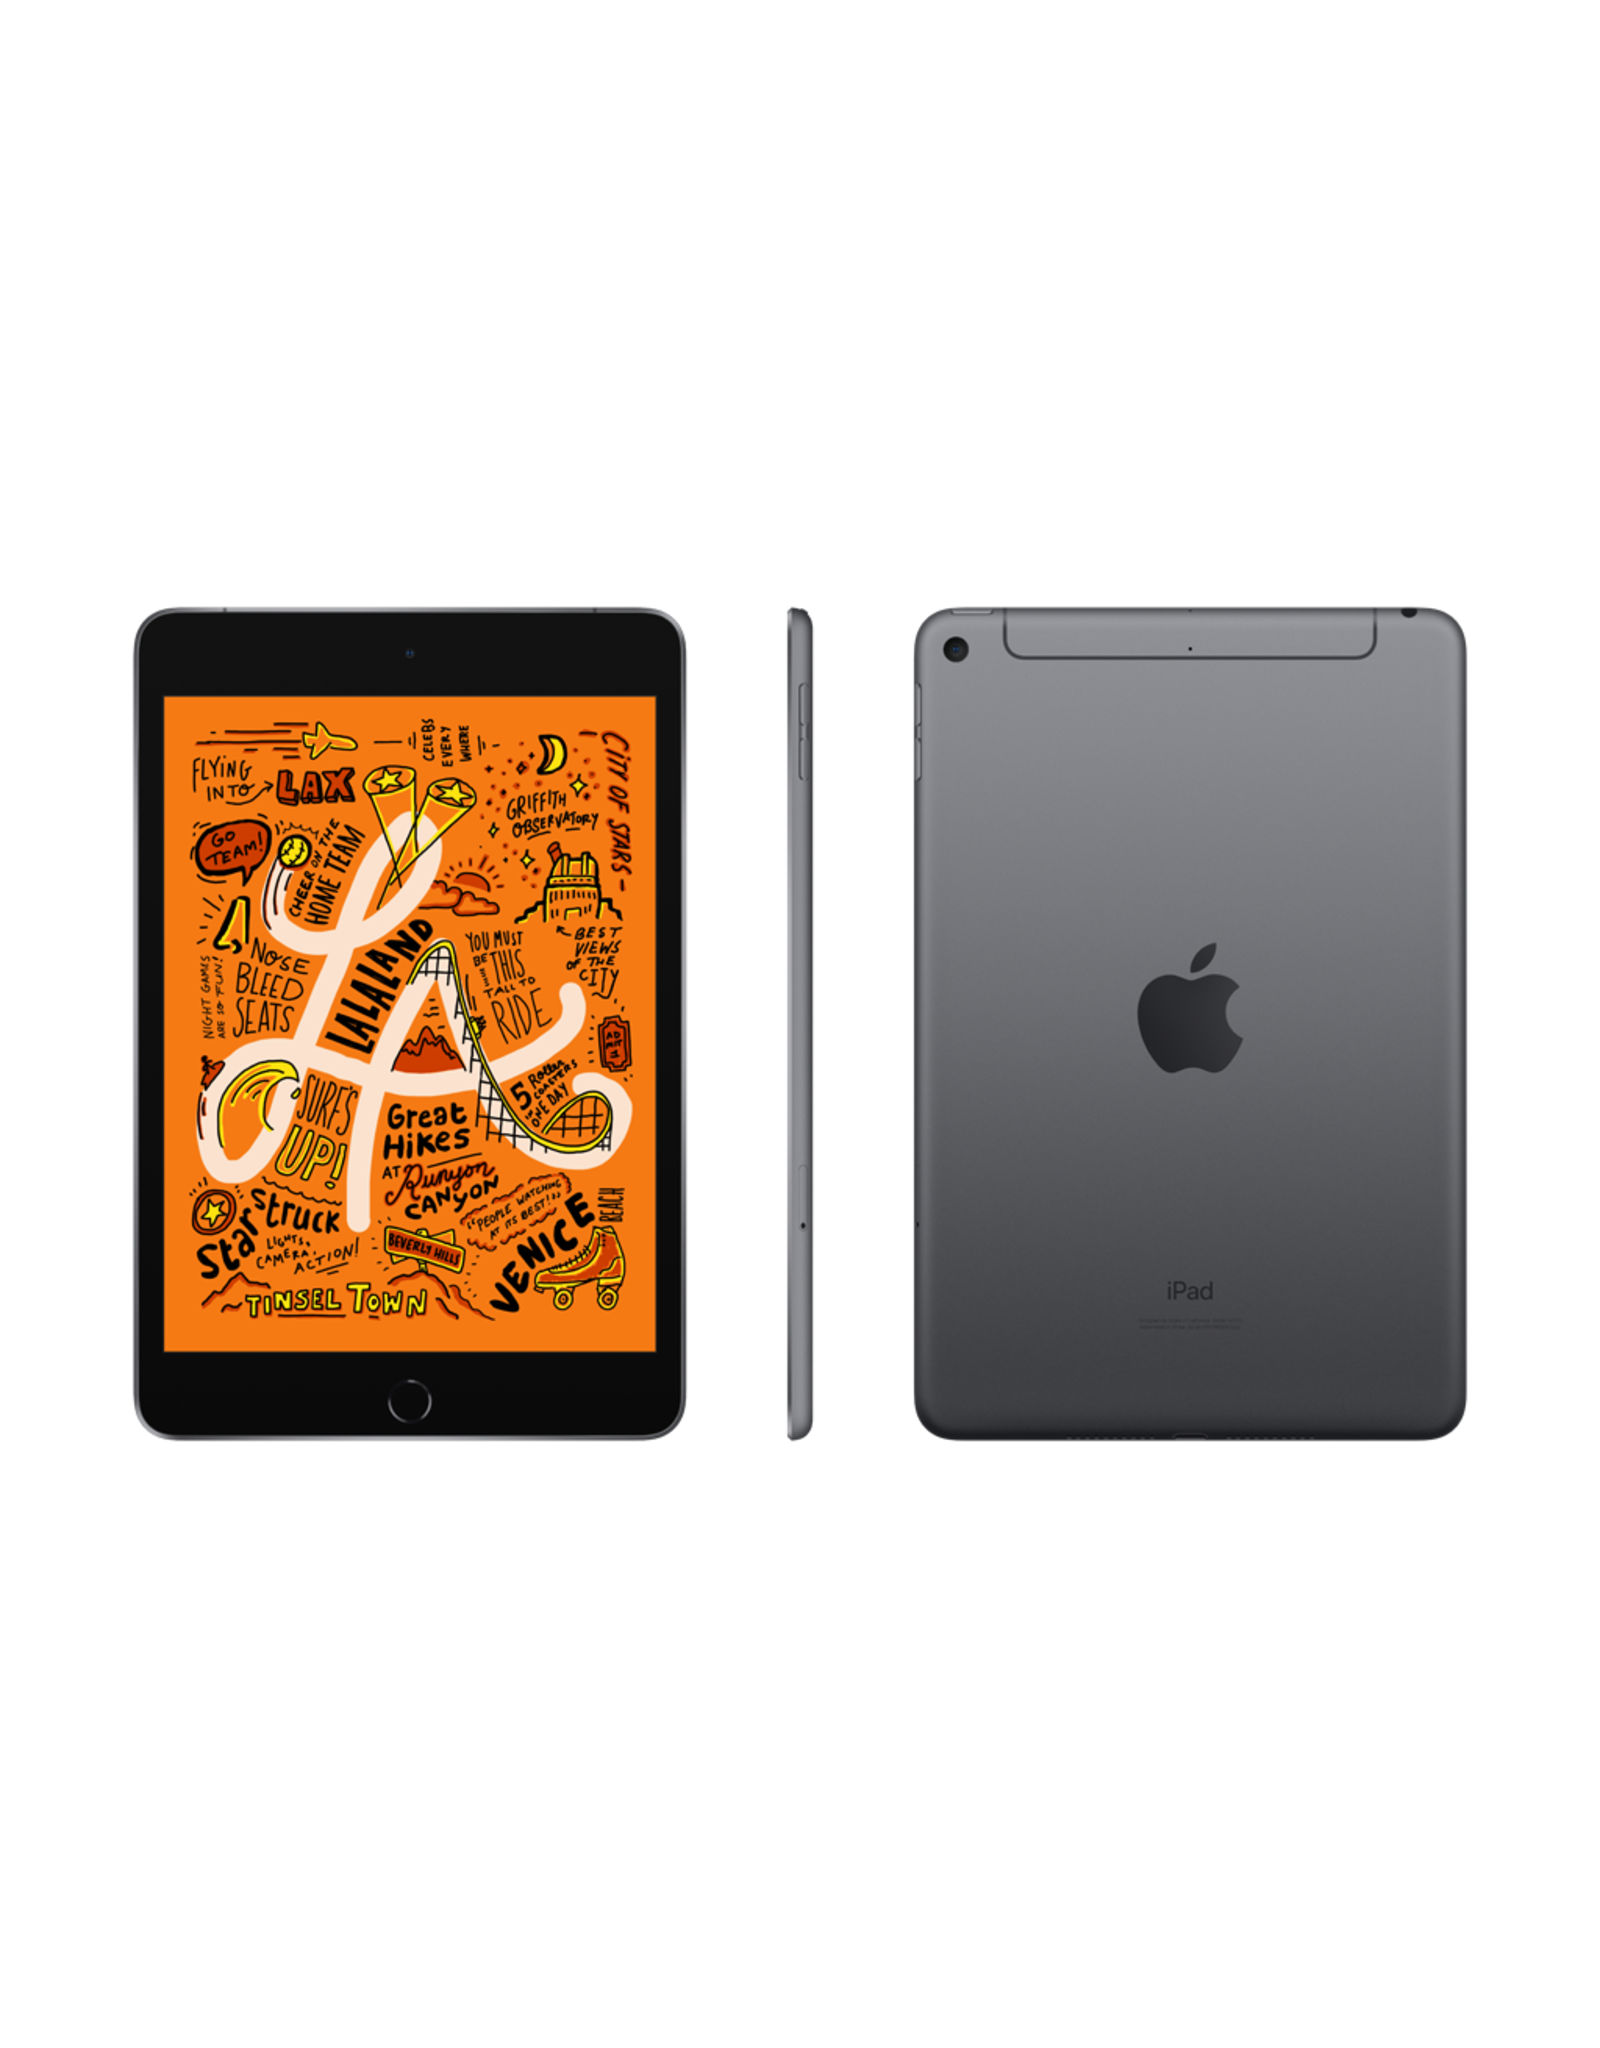 Apple iPad mini 5 Wi-Fi + Cellular 256GB - Space Grey